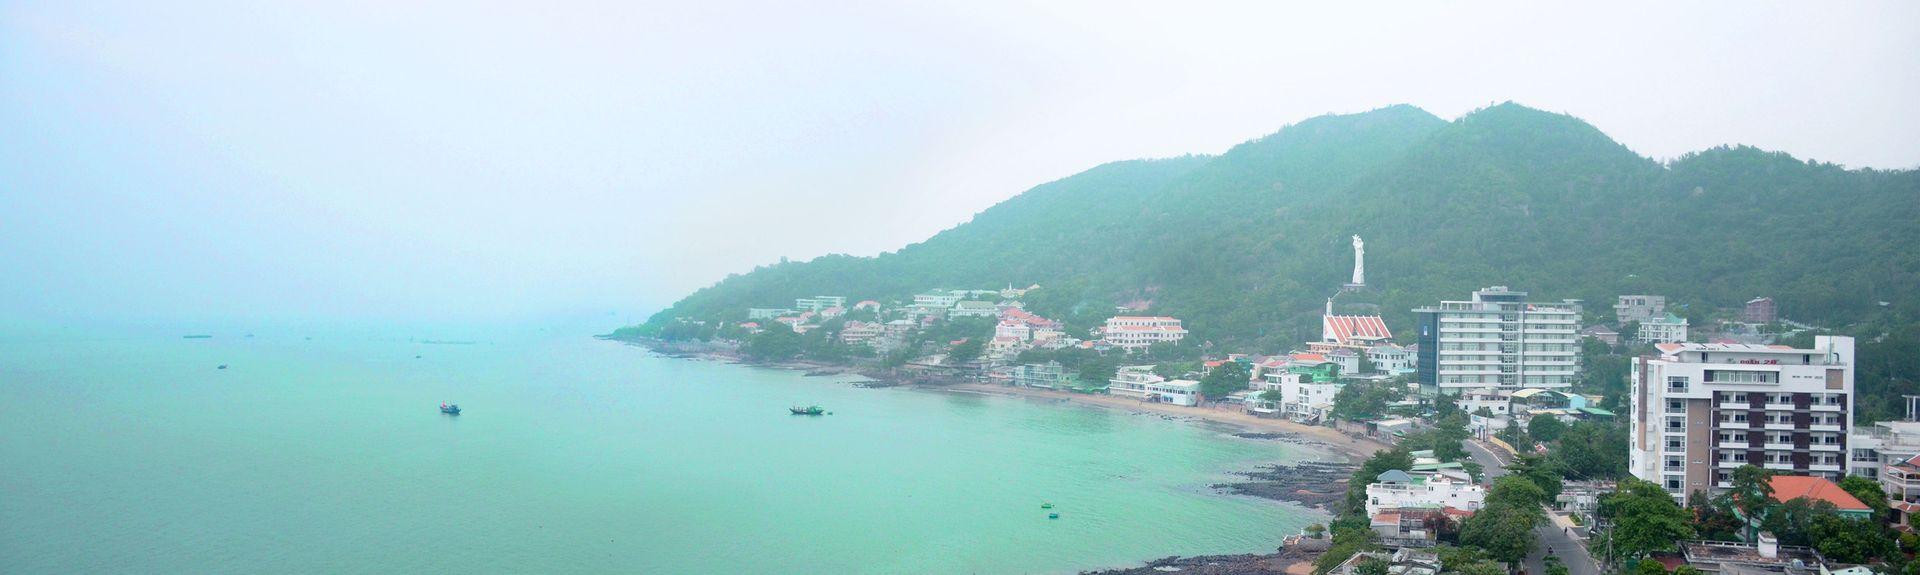 Long Hai Beach, Vung Tau, Vietnam